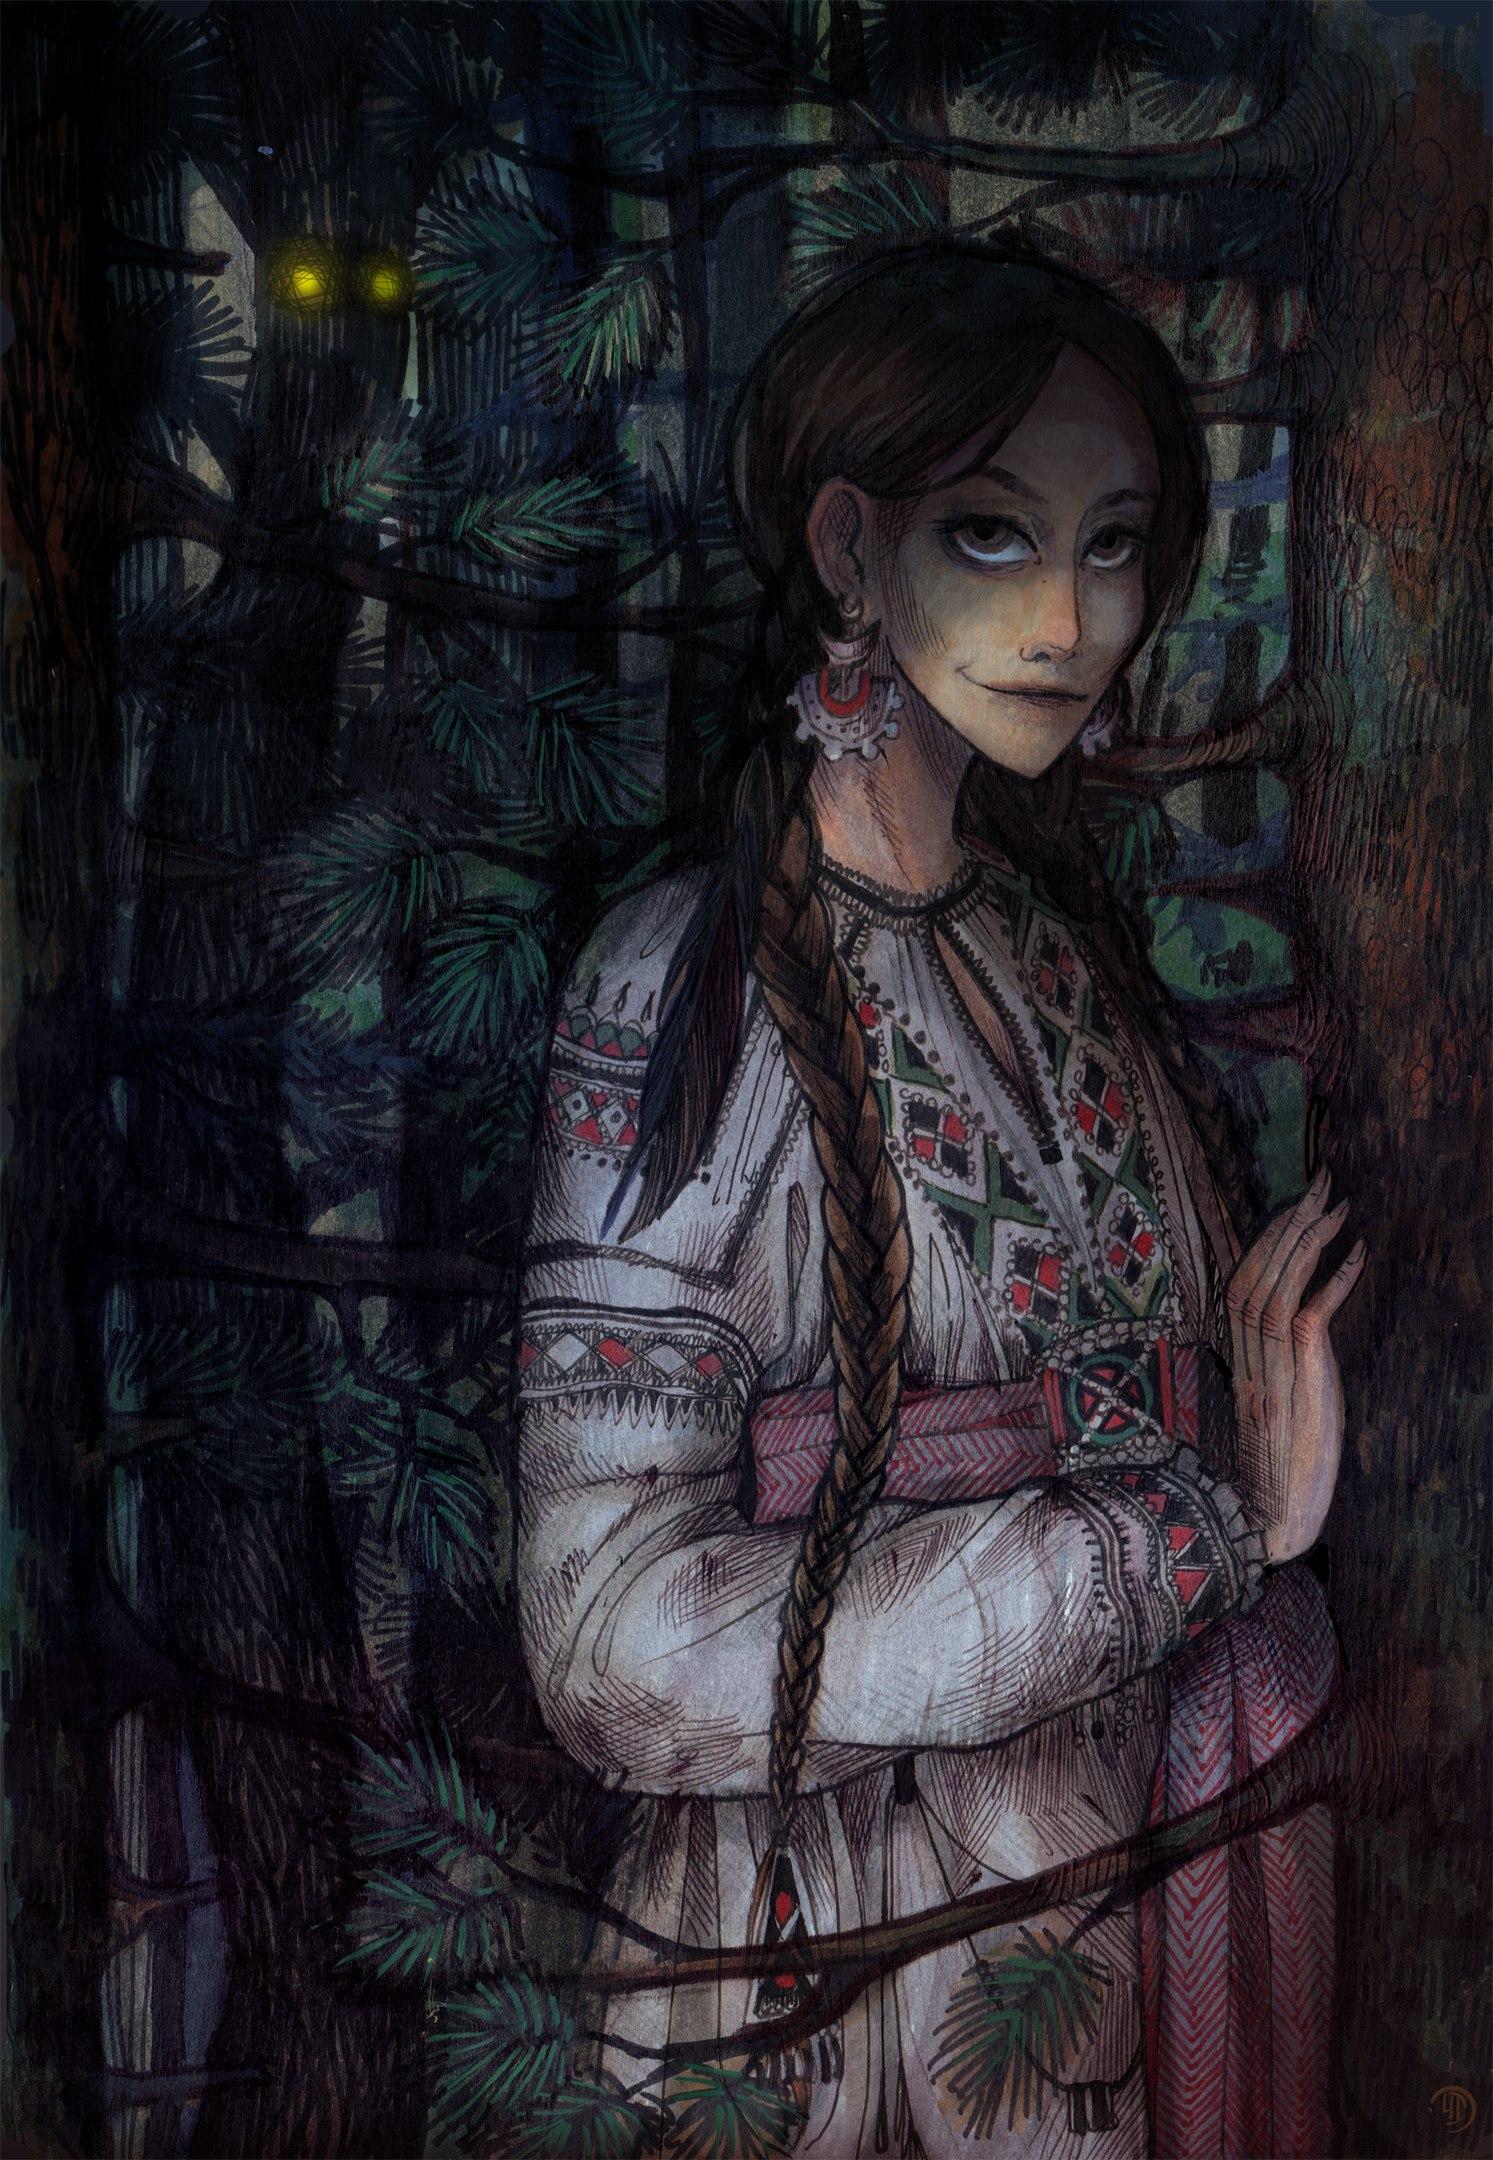 славянское фэнтези картинки